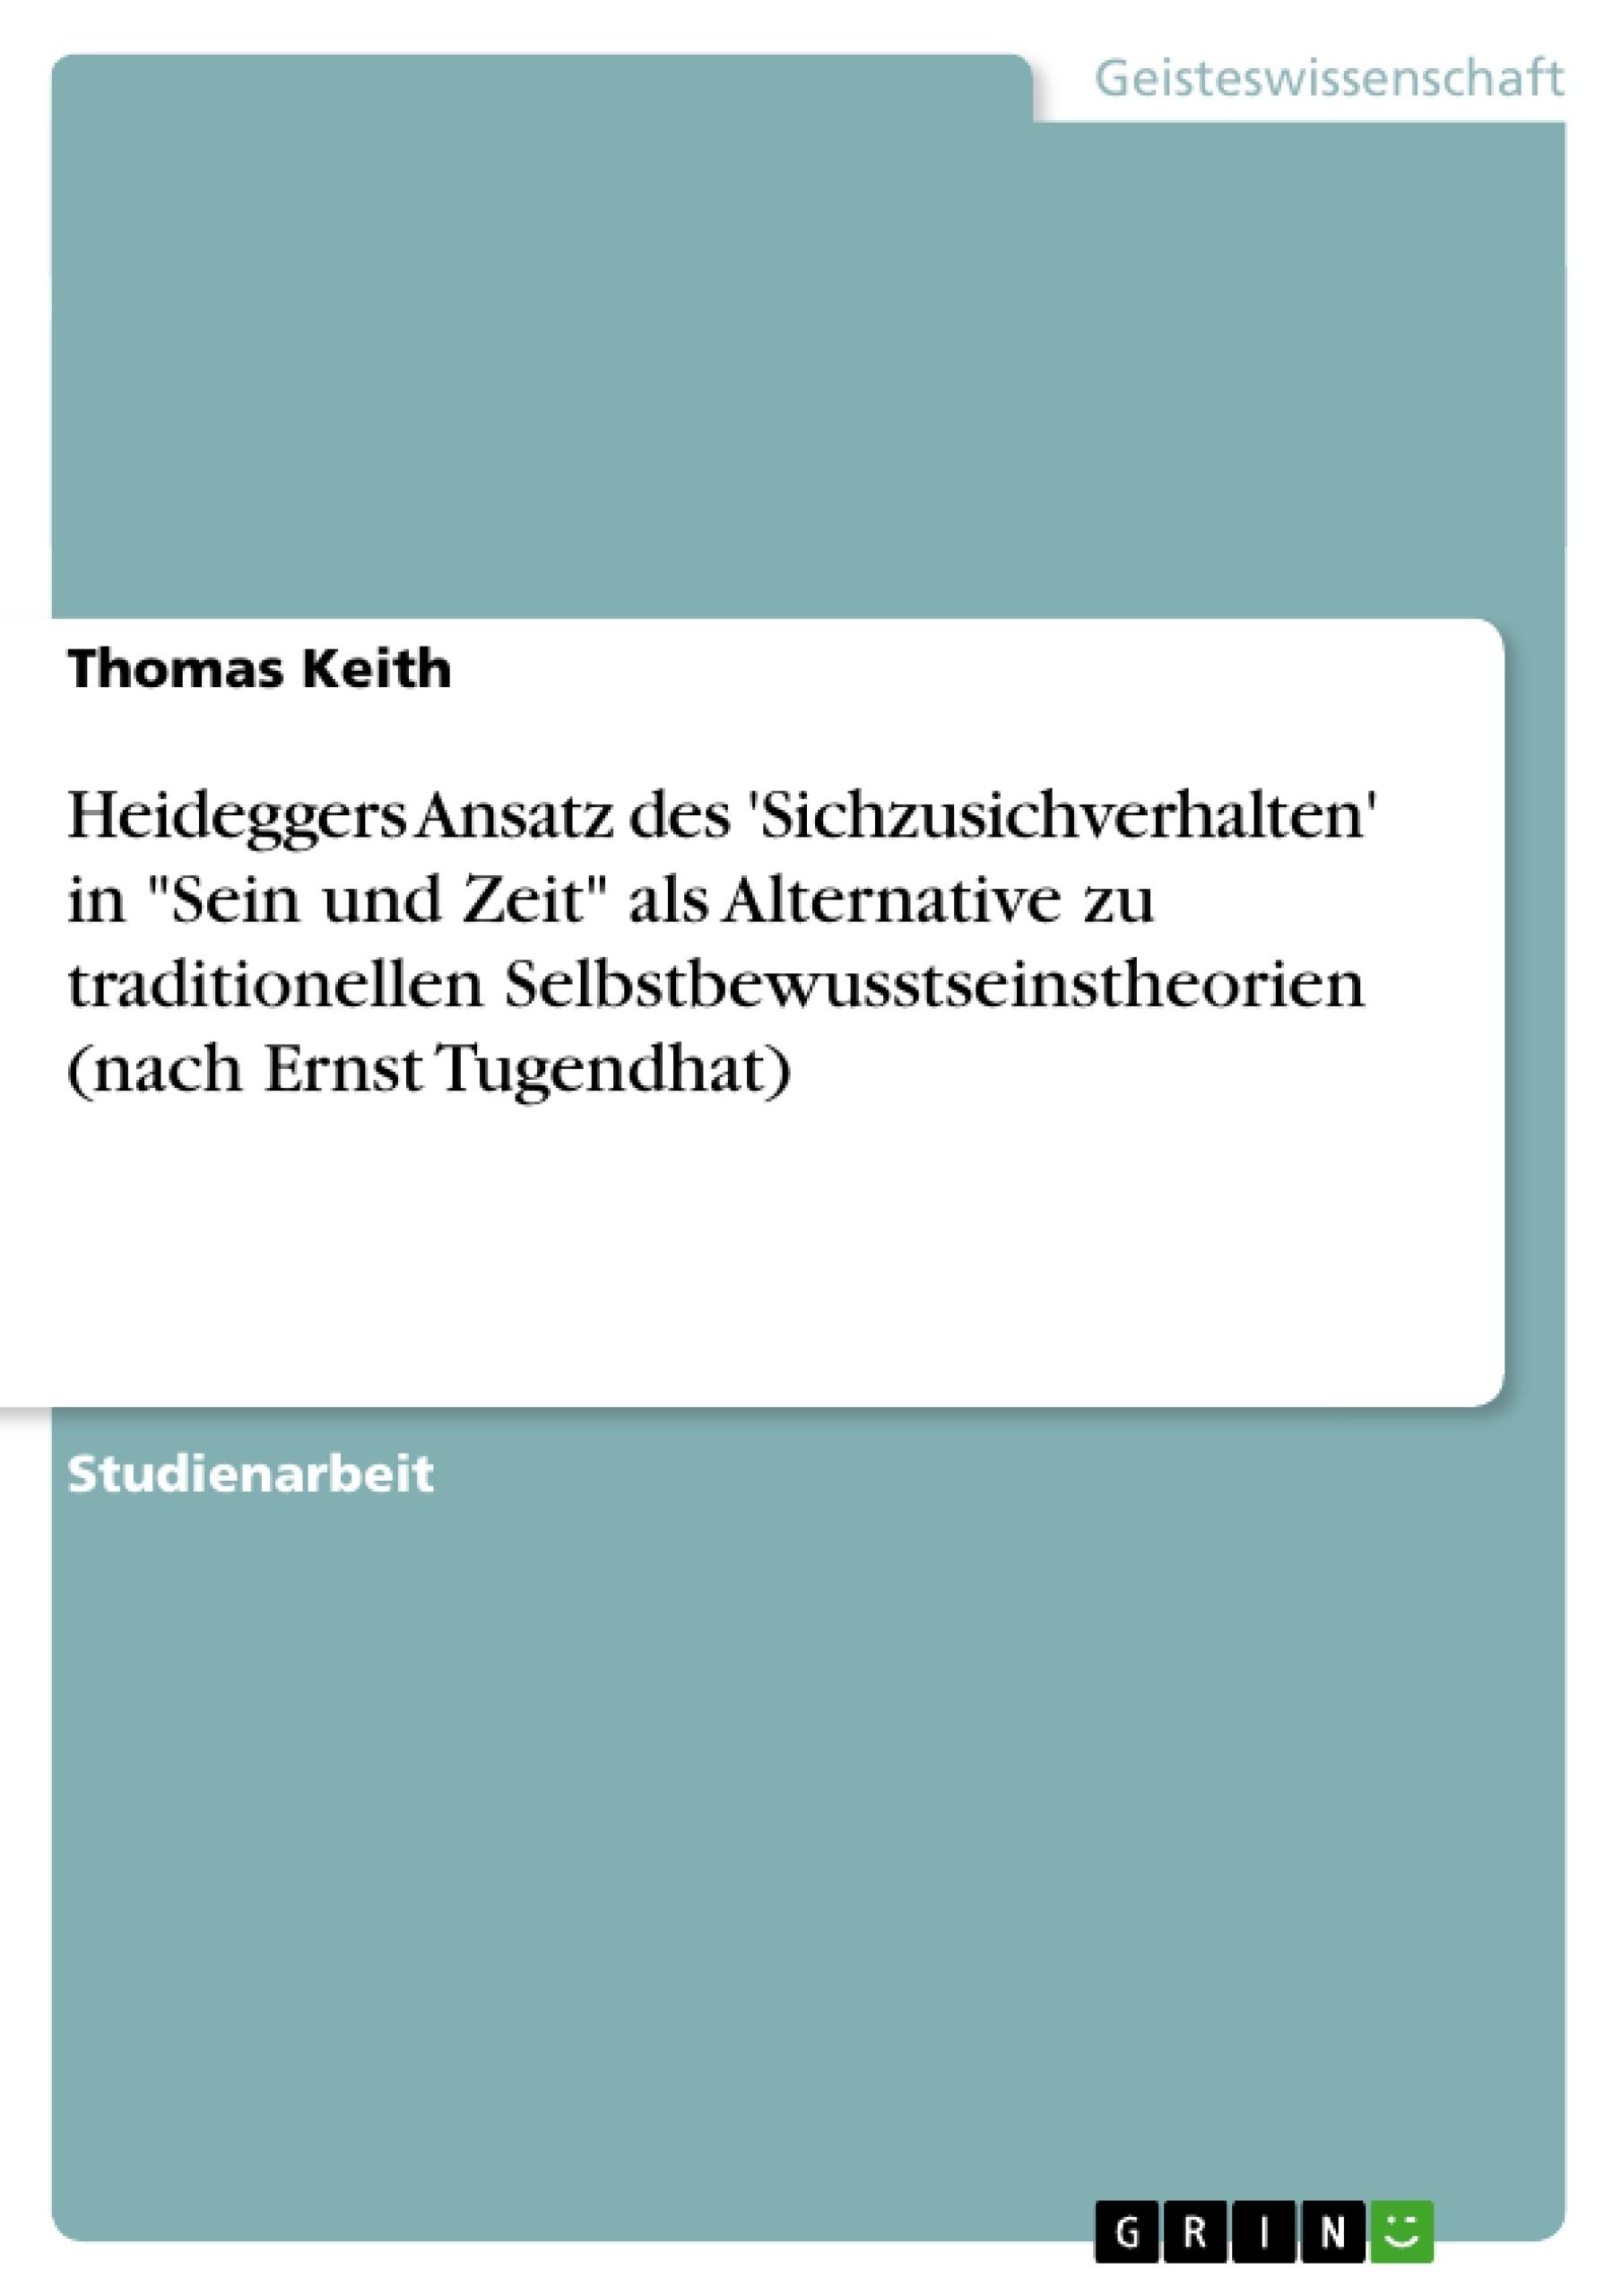 """Titel: Heideggers Ansatz des 'Sichzusichverhalten' in """"Sein und Zeit"""" als Alternative zu traditionellen Selbstbewusstseinstheorien (nach Ernst Tugendhat)"""